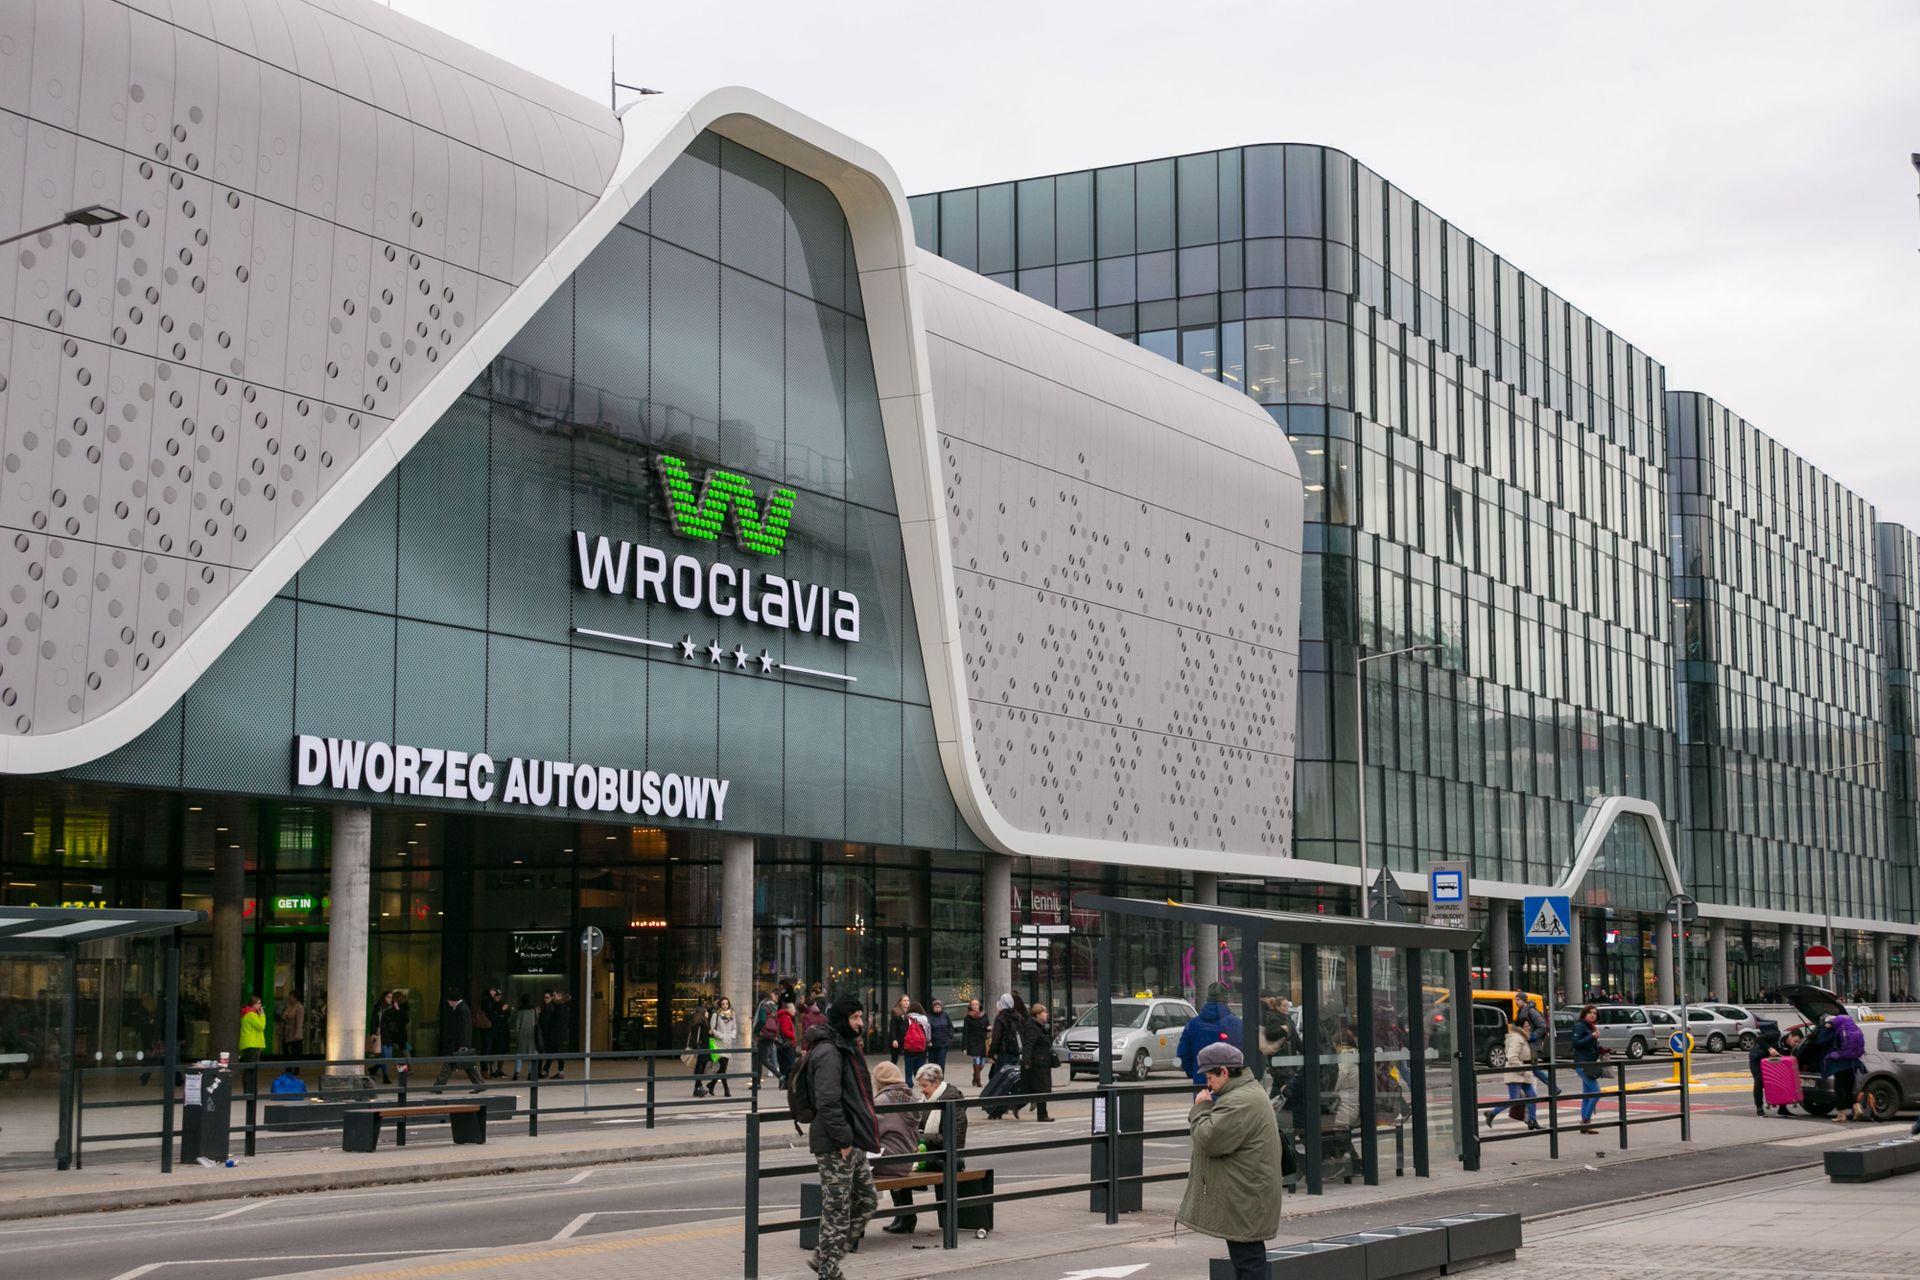 Wrocław: Spaces wynajmuje powierzchnię biurową w wielofunkcyjnym centrum Wroclavia